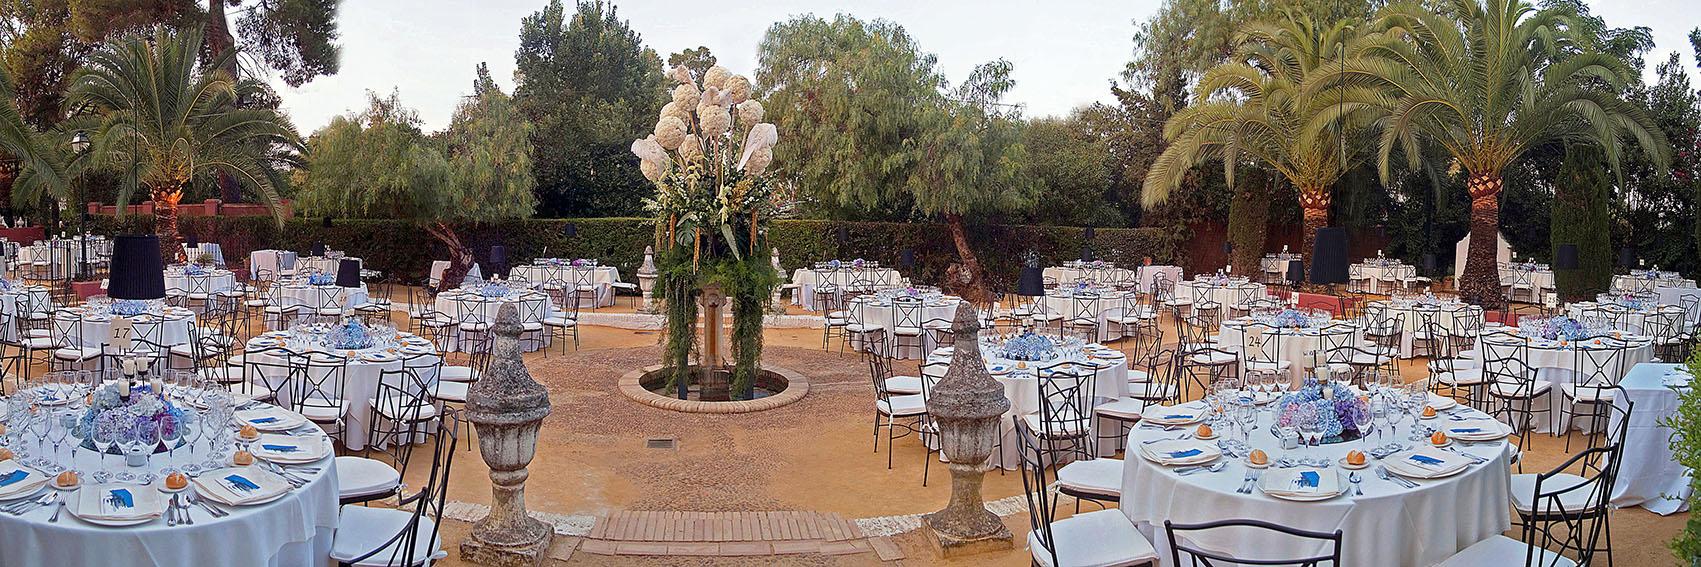 jardines 11.jpg